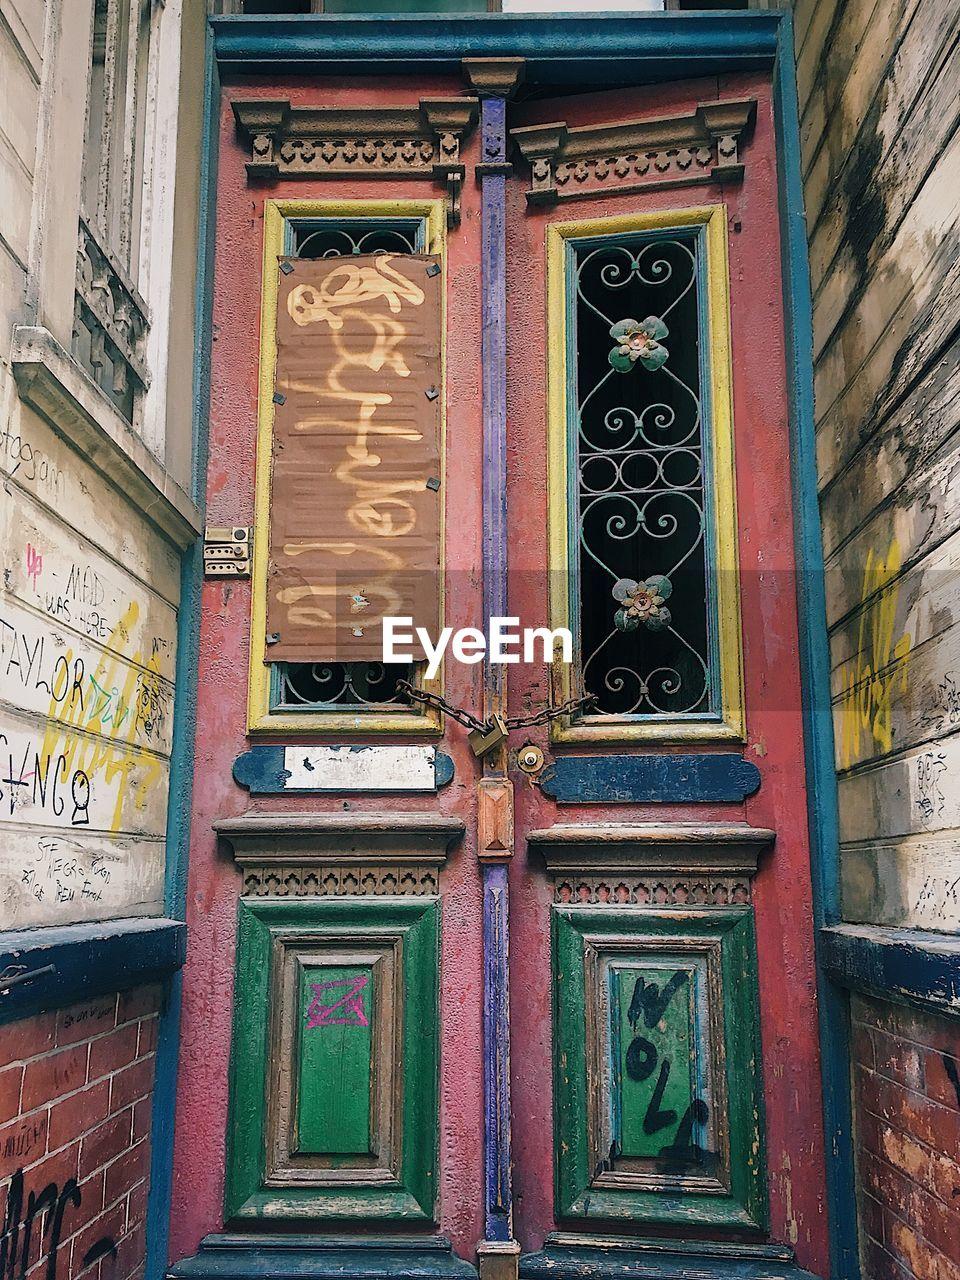 MULTI COLORED DOOR OF BUILDING